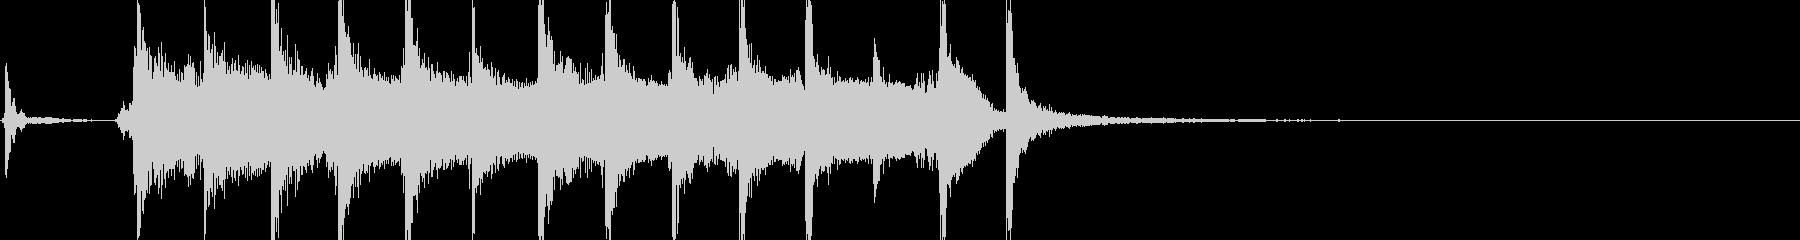 和風ジングル 切り替え用三味線+尺八の未再生の波形